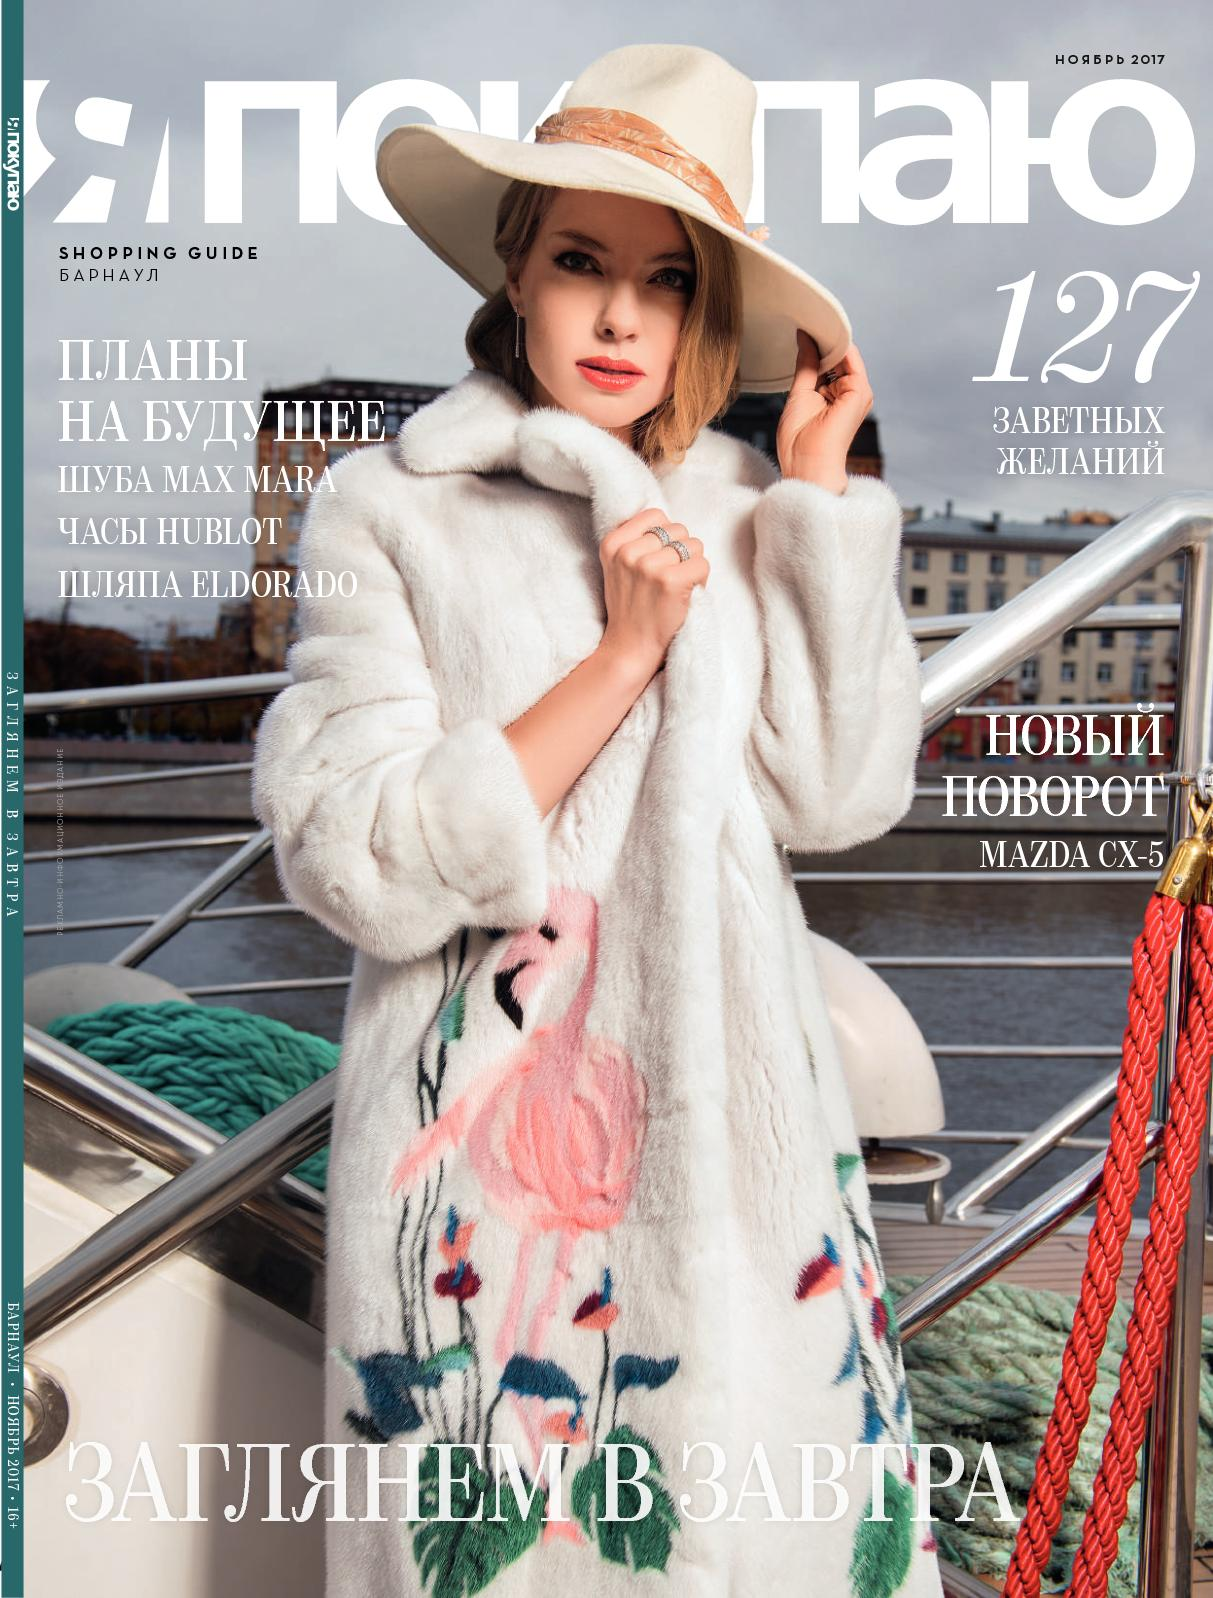 Calaméo - Shopping Guide «Я Покупаю. Барнаул», ноябрь 2017 8d9e3272aae